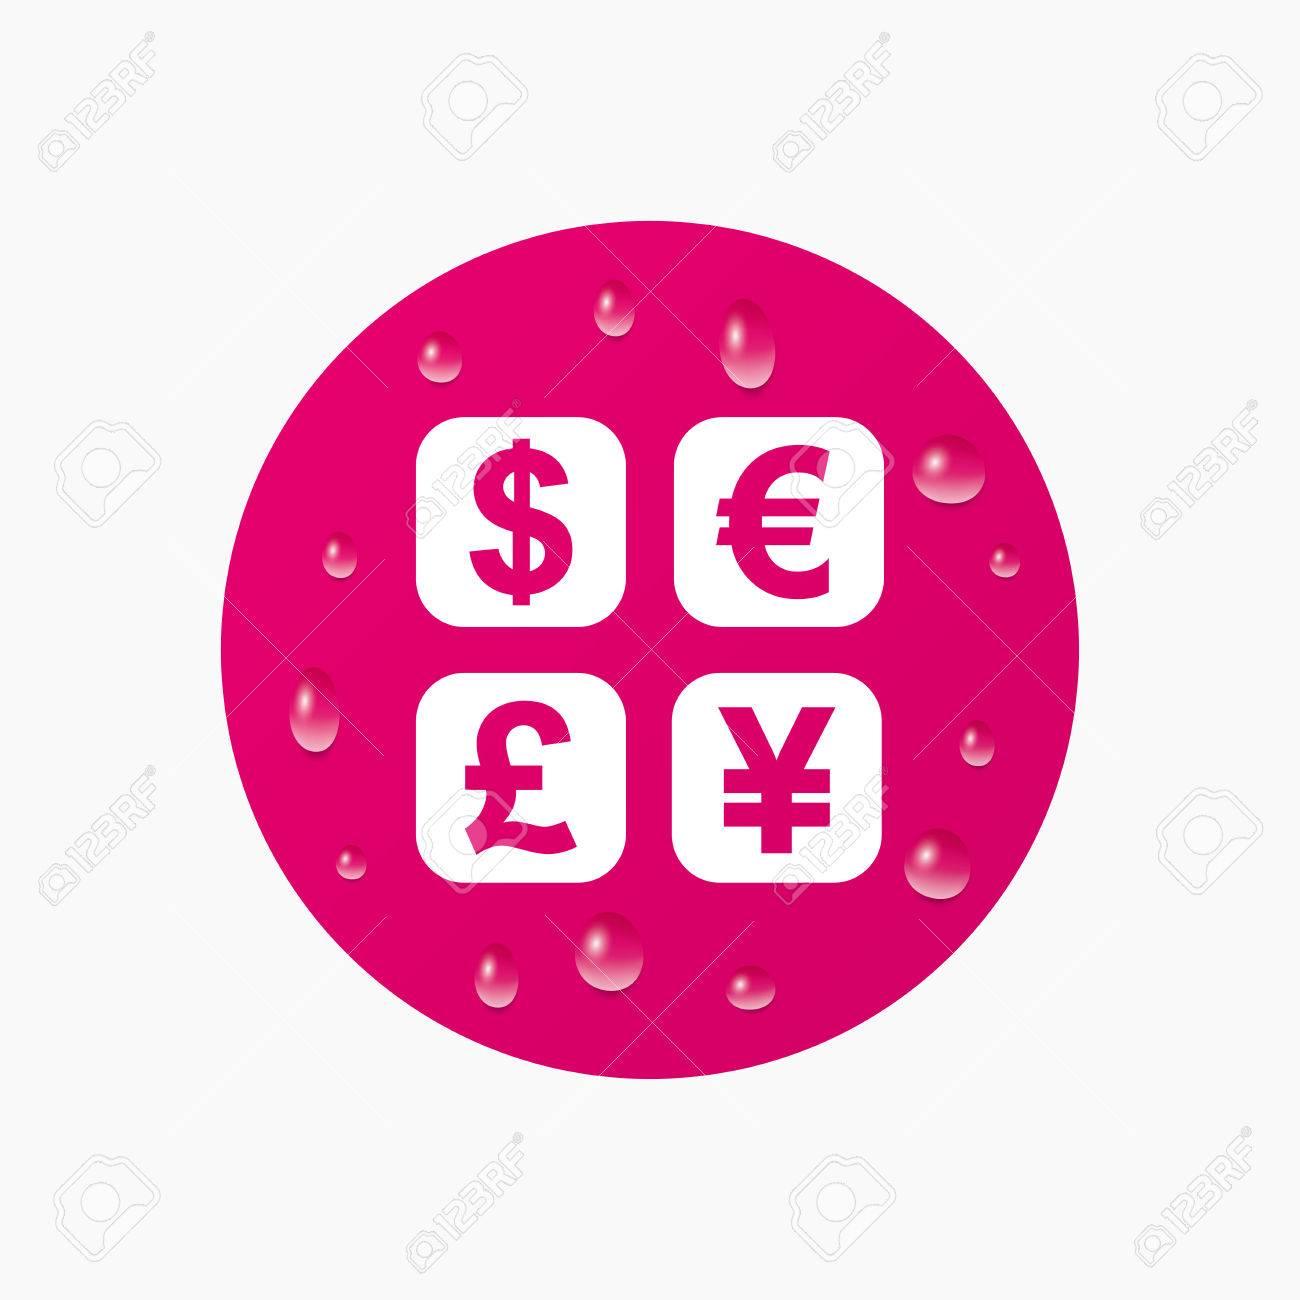 icono de signo de cambio de divisas moneda smbolo convertidor etiqueta de dinero las gotas de agua pura realistas crculo rosa vector